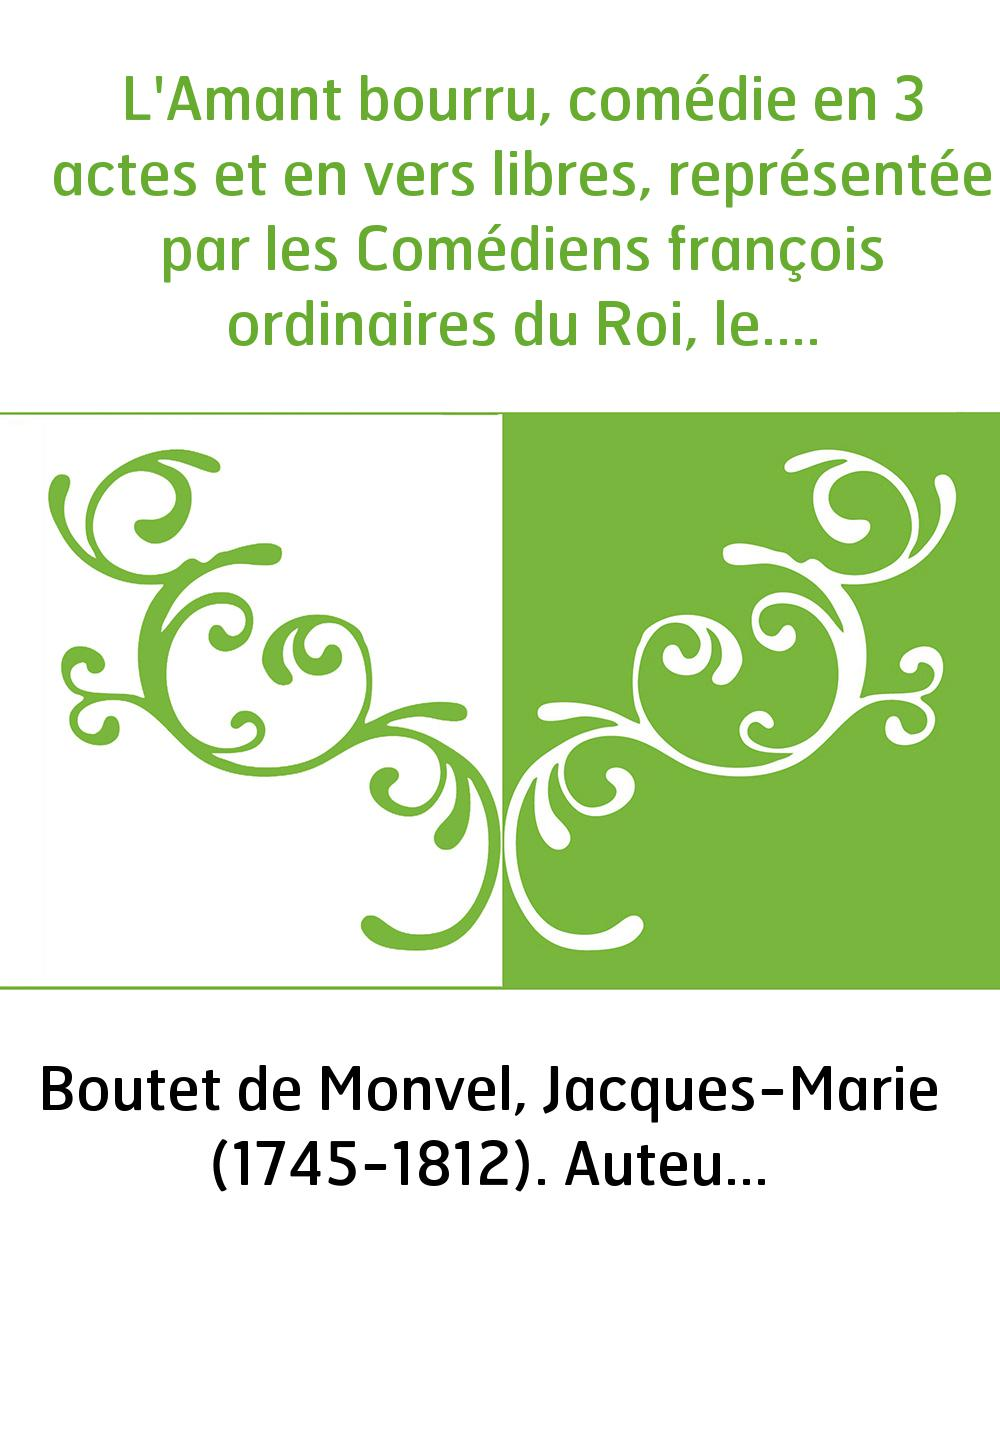 L'Amant bourru, comédie en 3 actes et en vers libres, représentée par les Comédiens françois ordinaires du Roi, le... 14 août 17